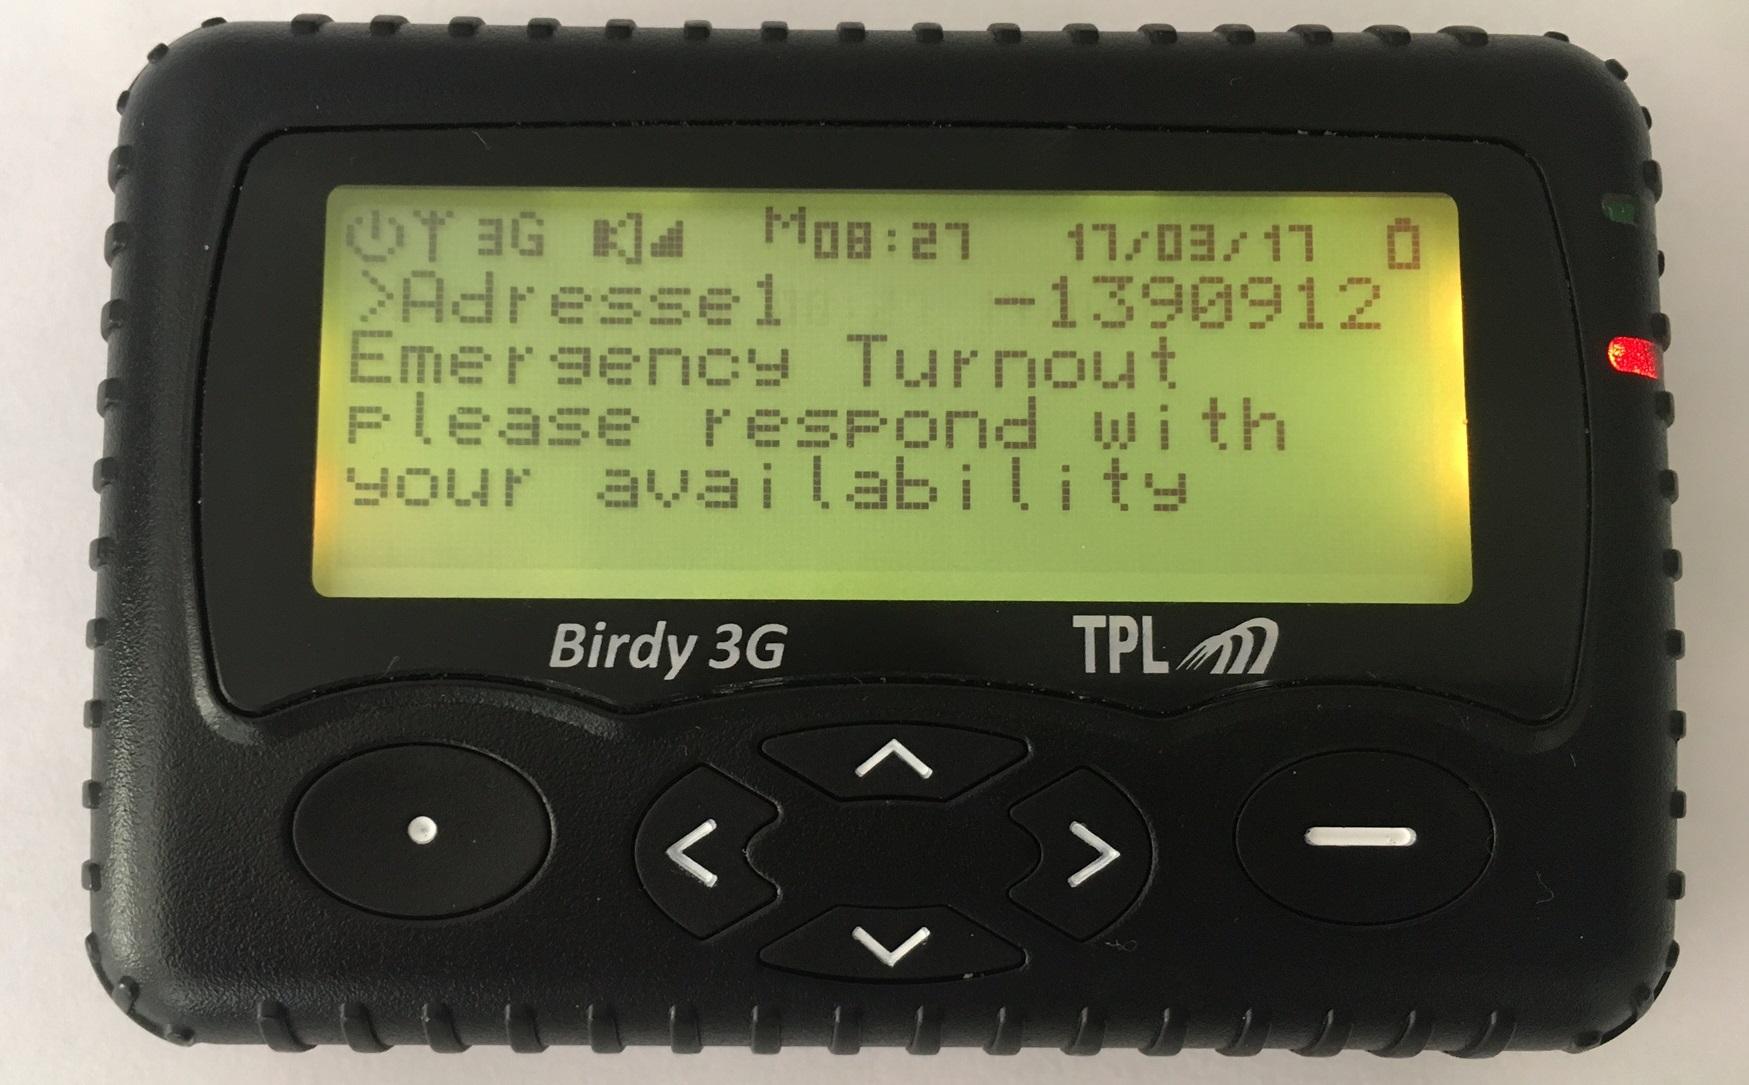 Birdy 3G